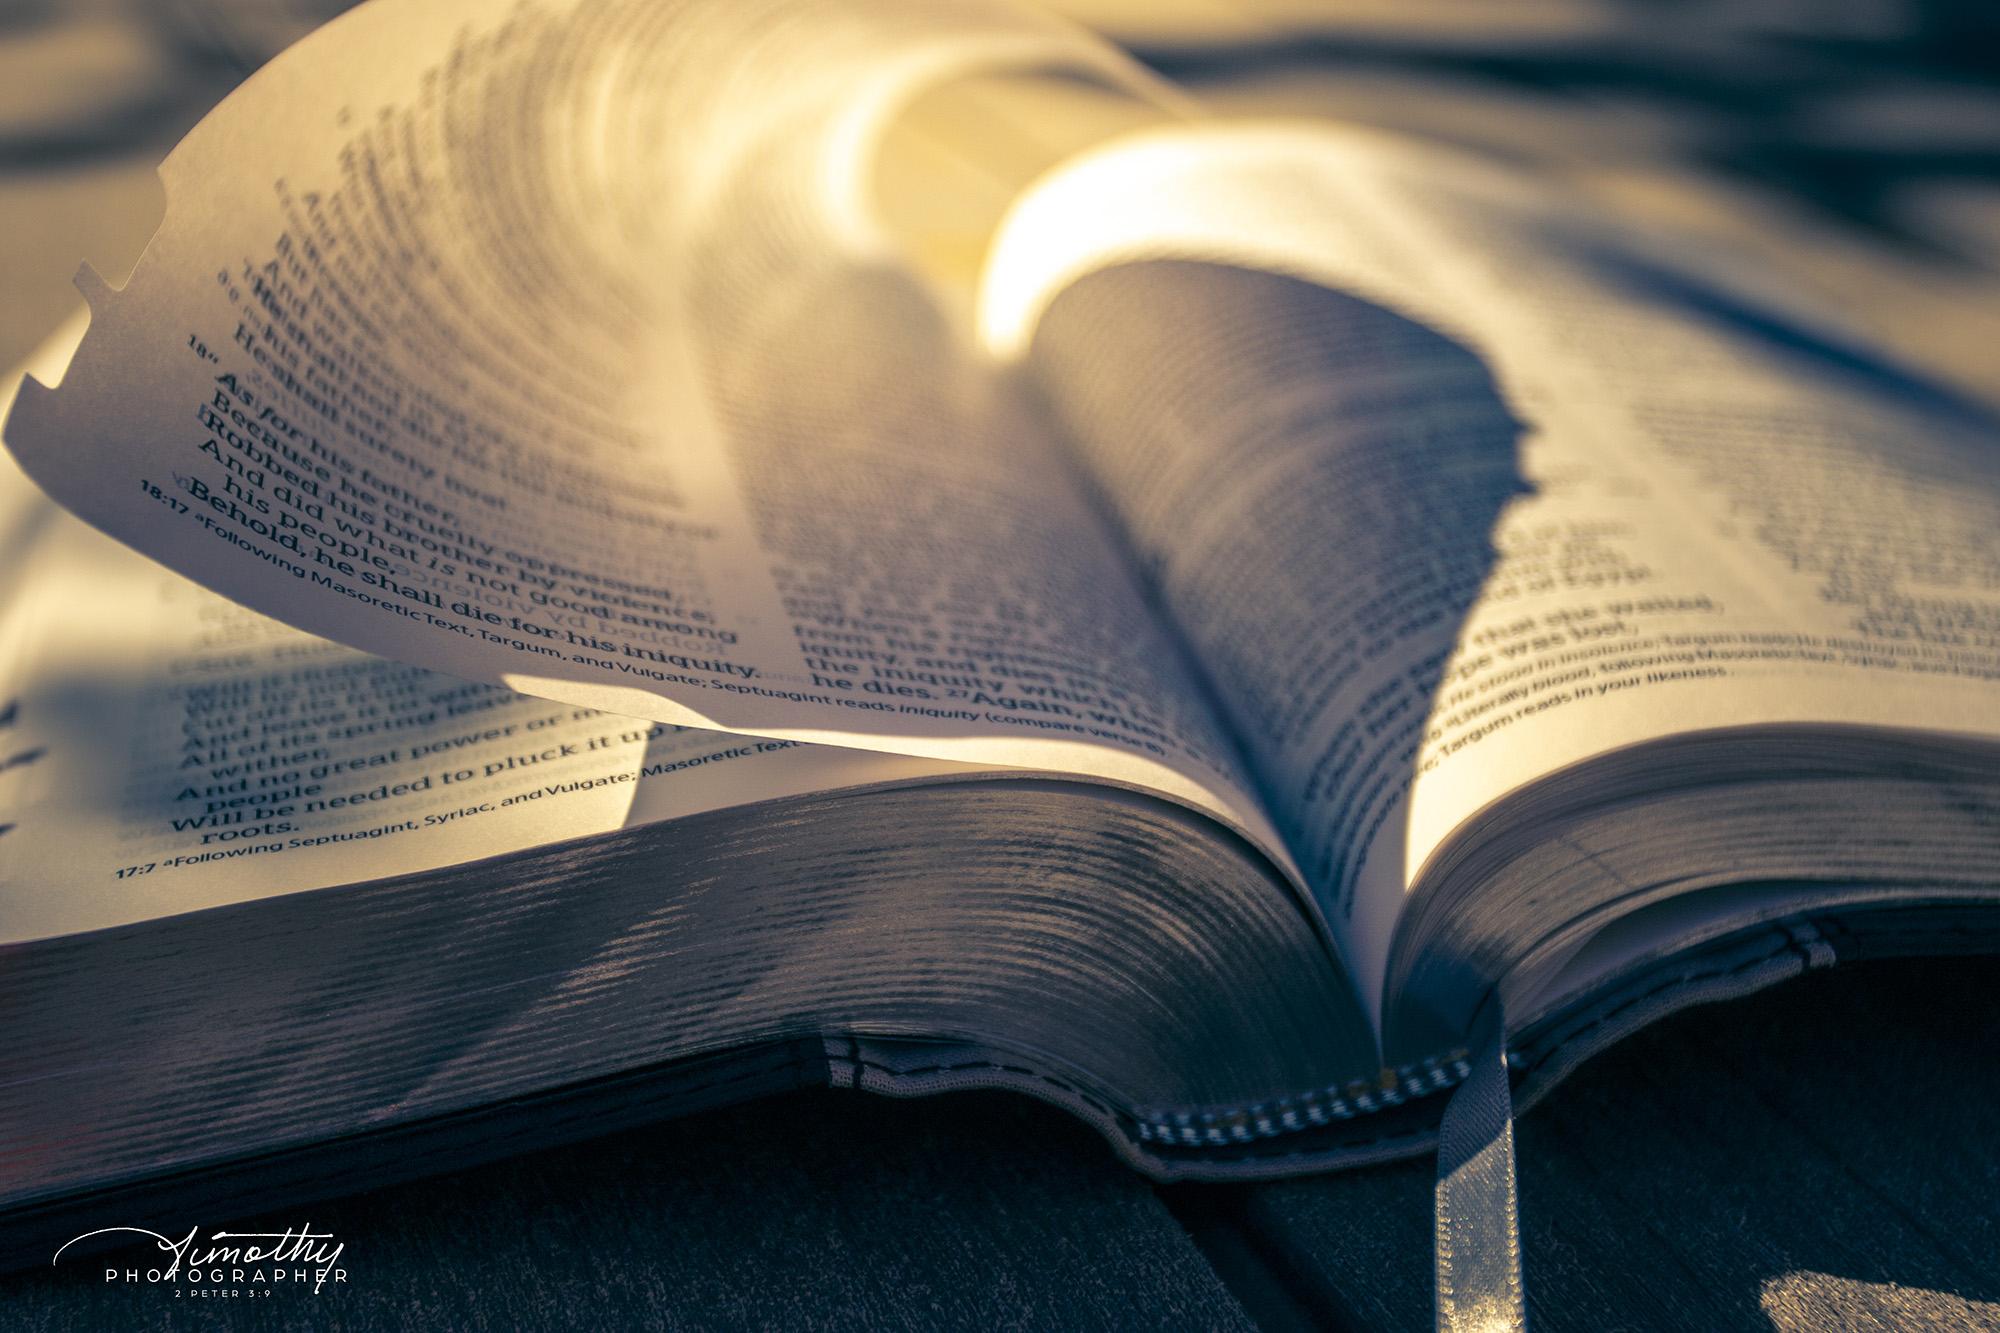 God's inspired Word